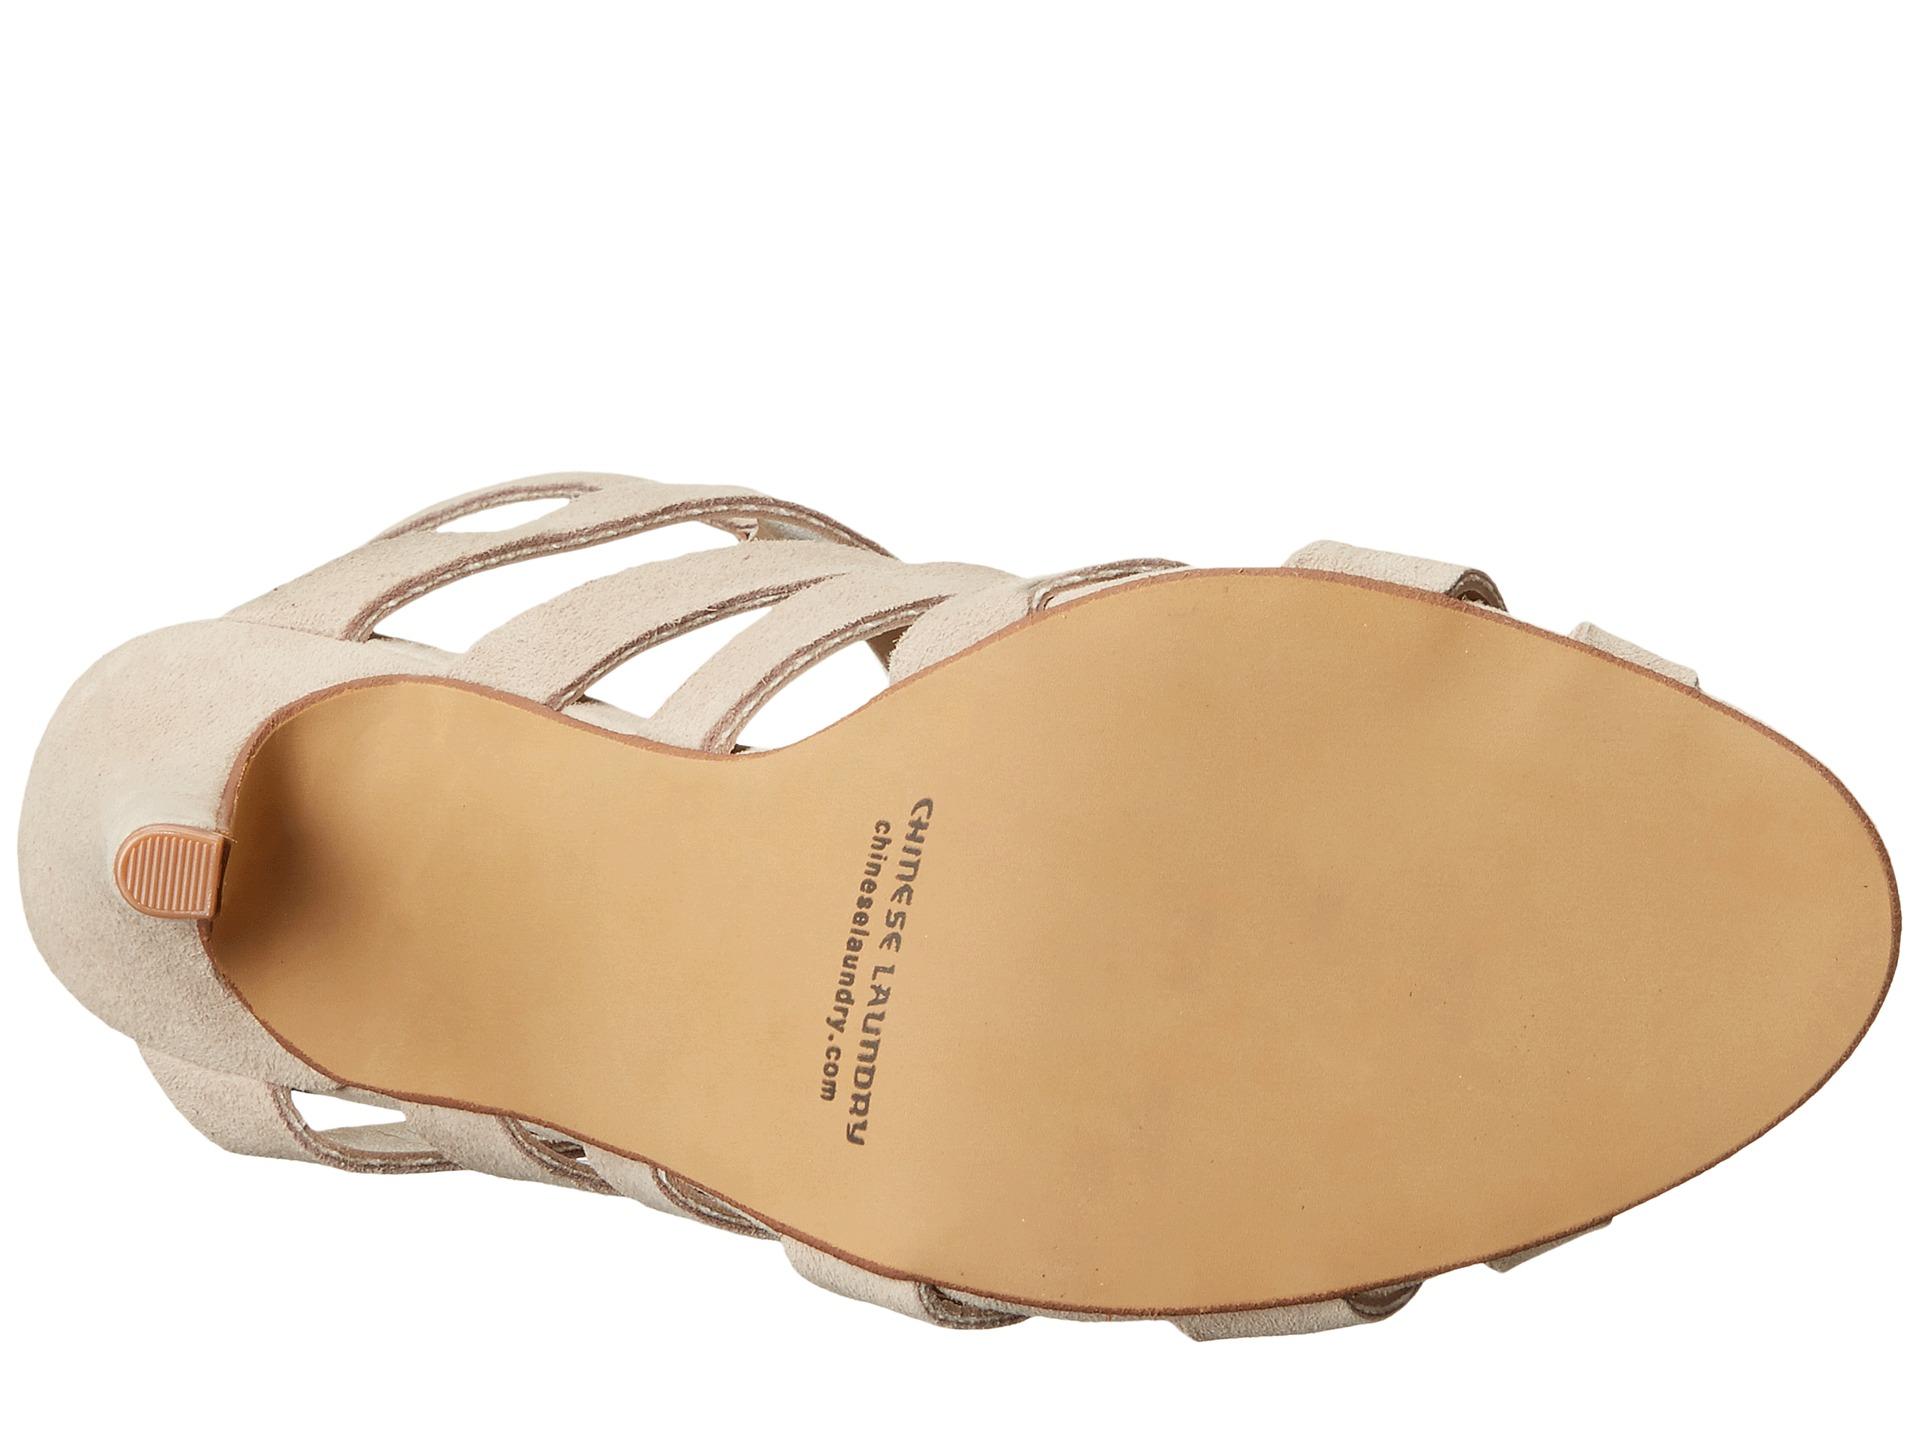 Black poppy sandals - Black Poppy Sandals 42